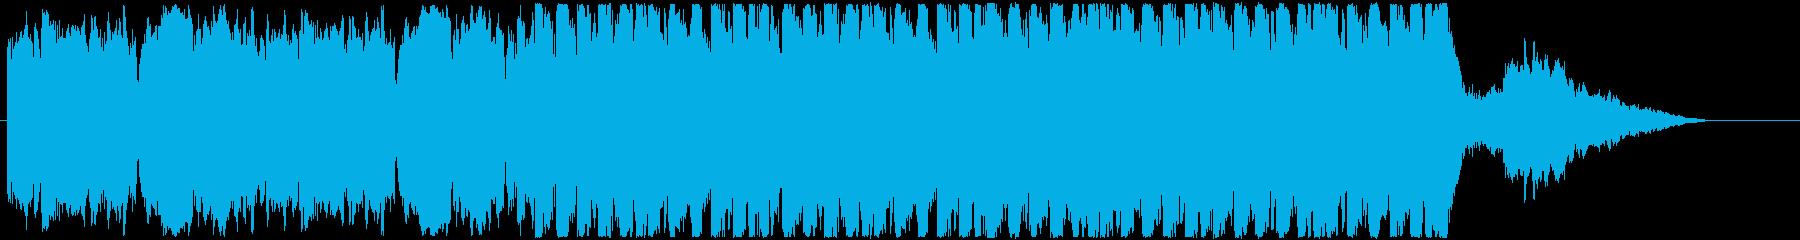 何かが始まる予感の壮大なEPICサウンドの再生済みの波形